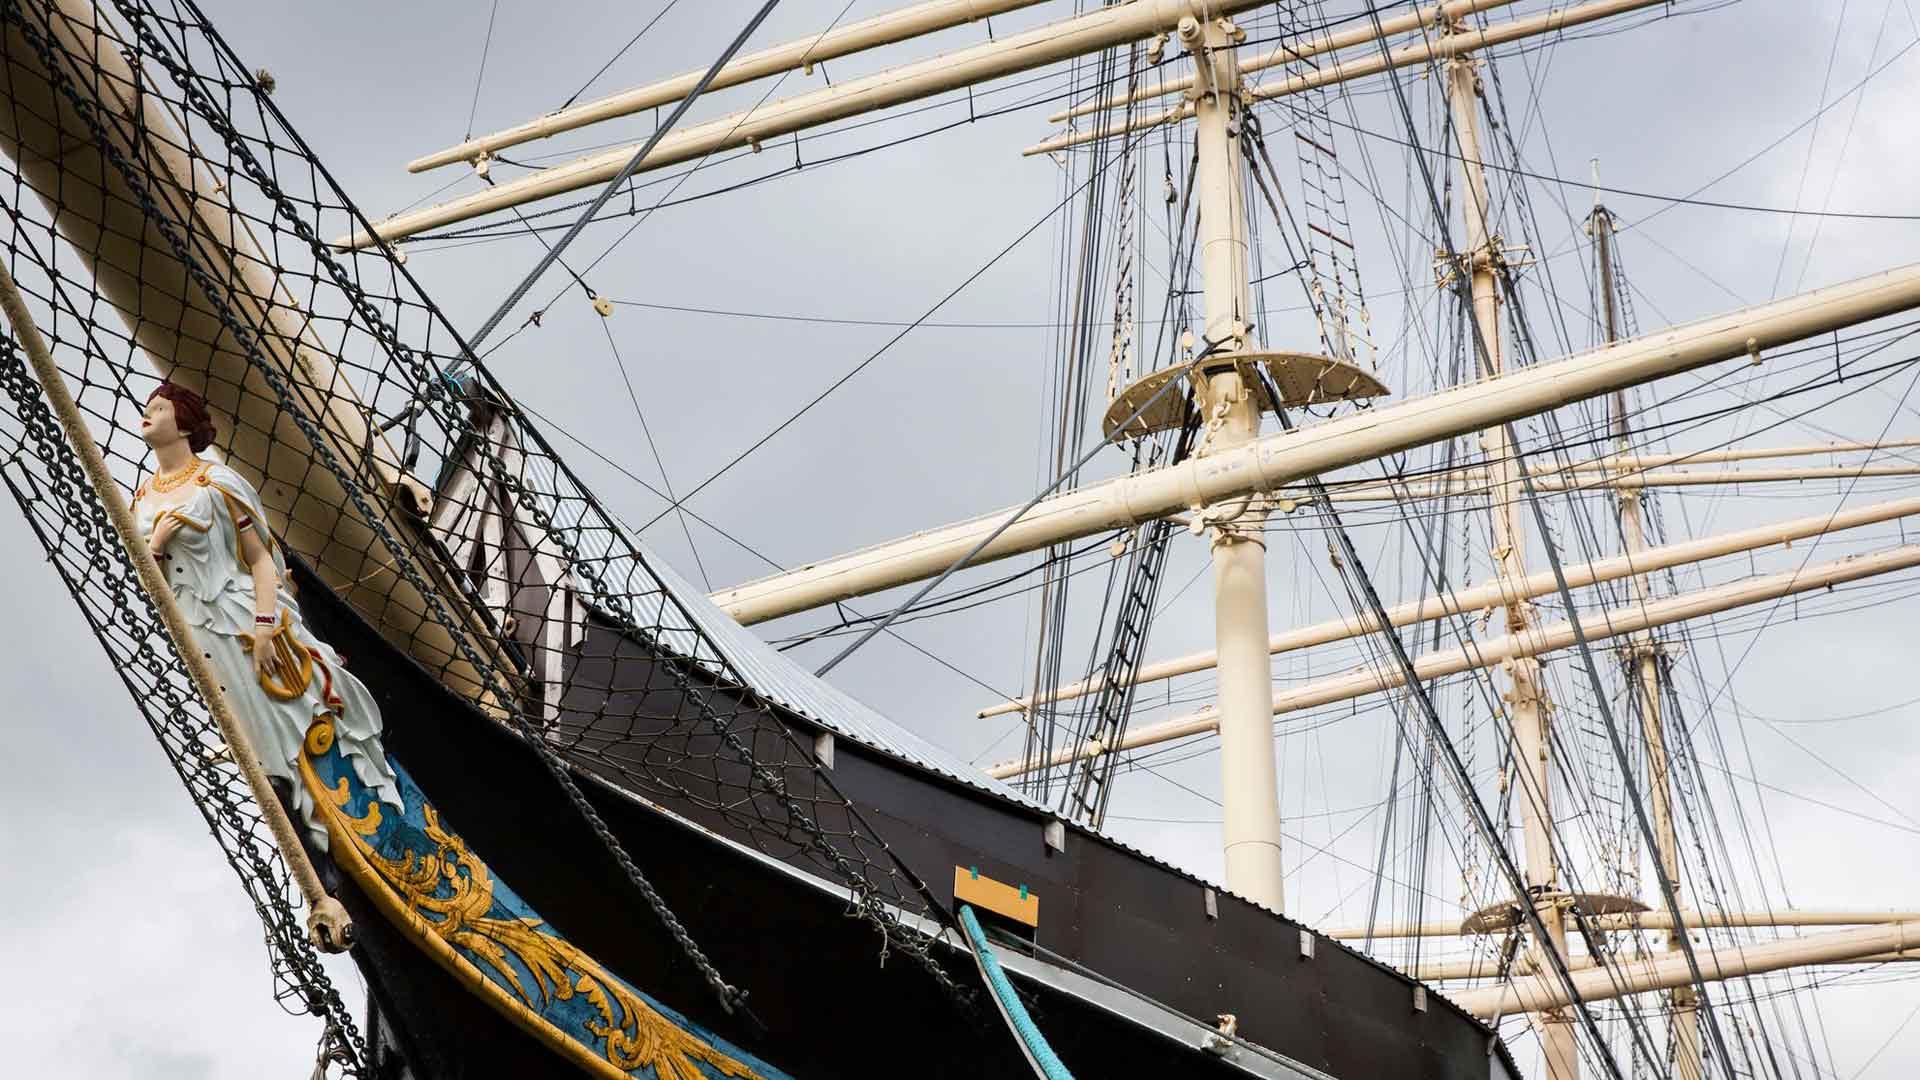 Museolaiva Pommernin uumenissa voi kokea todentuntuisen myrskyn, jos ulkona ei puhalla riittävästi. Audiovisuaalinen esitys kertoo merimatkasta Kap Hornilla.